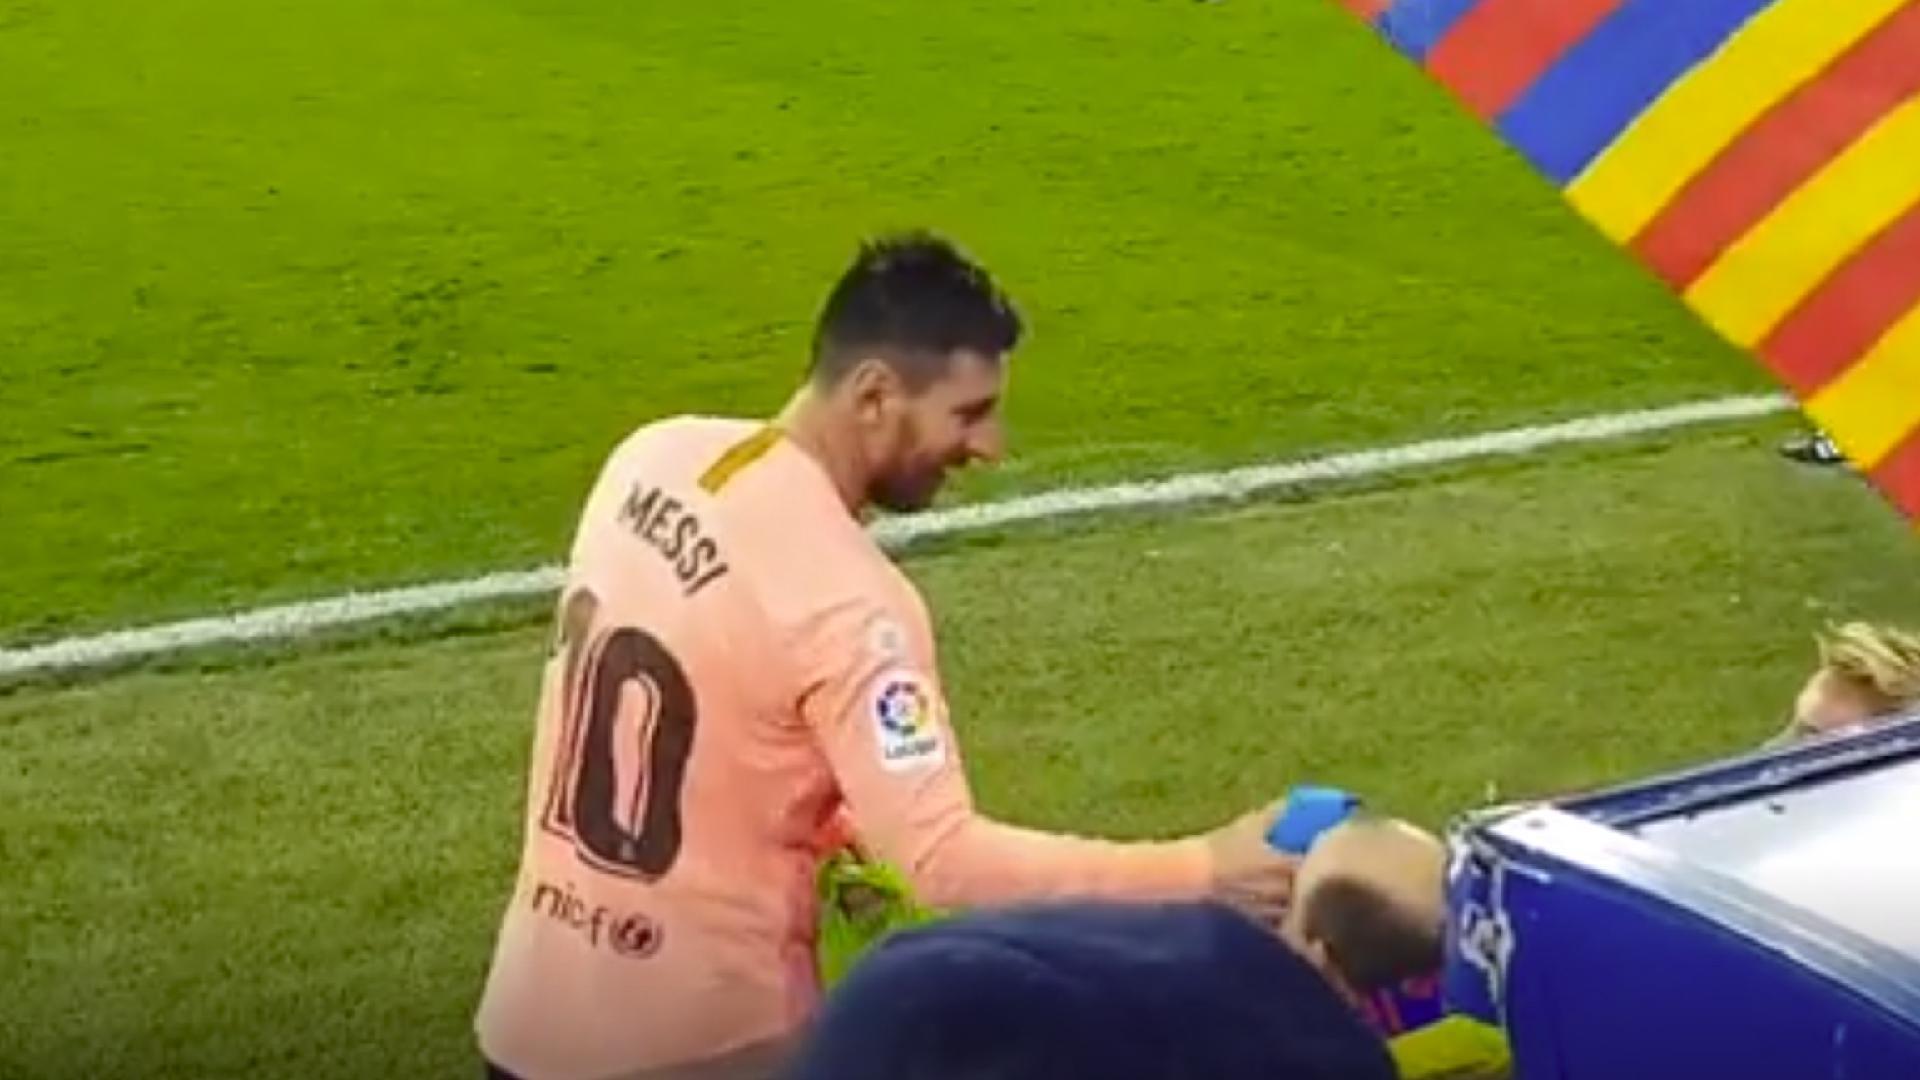 b15a9ece46 Especialistas da moda apontam Messi  ousado e chique  com ternos  chamativos. Comente. UOL Esporte